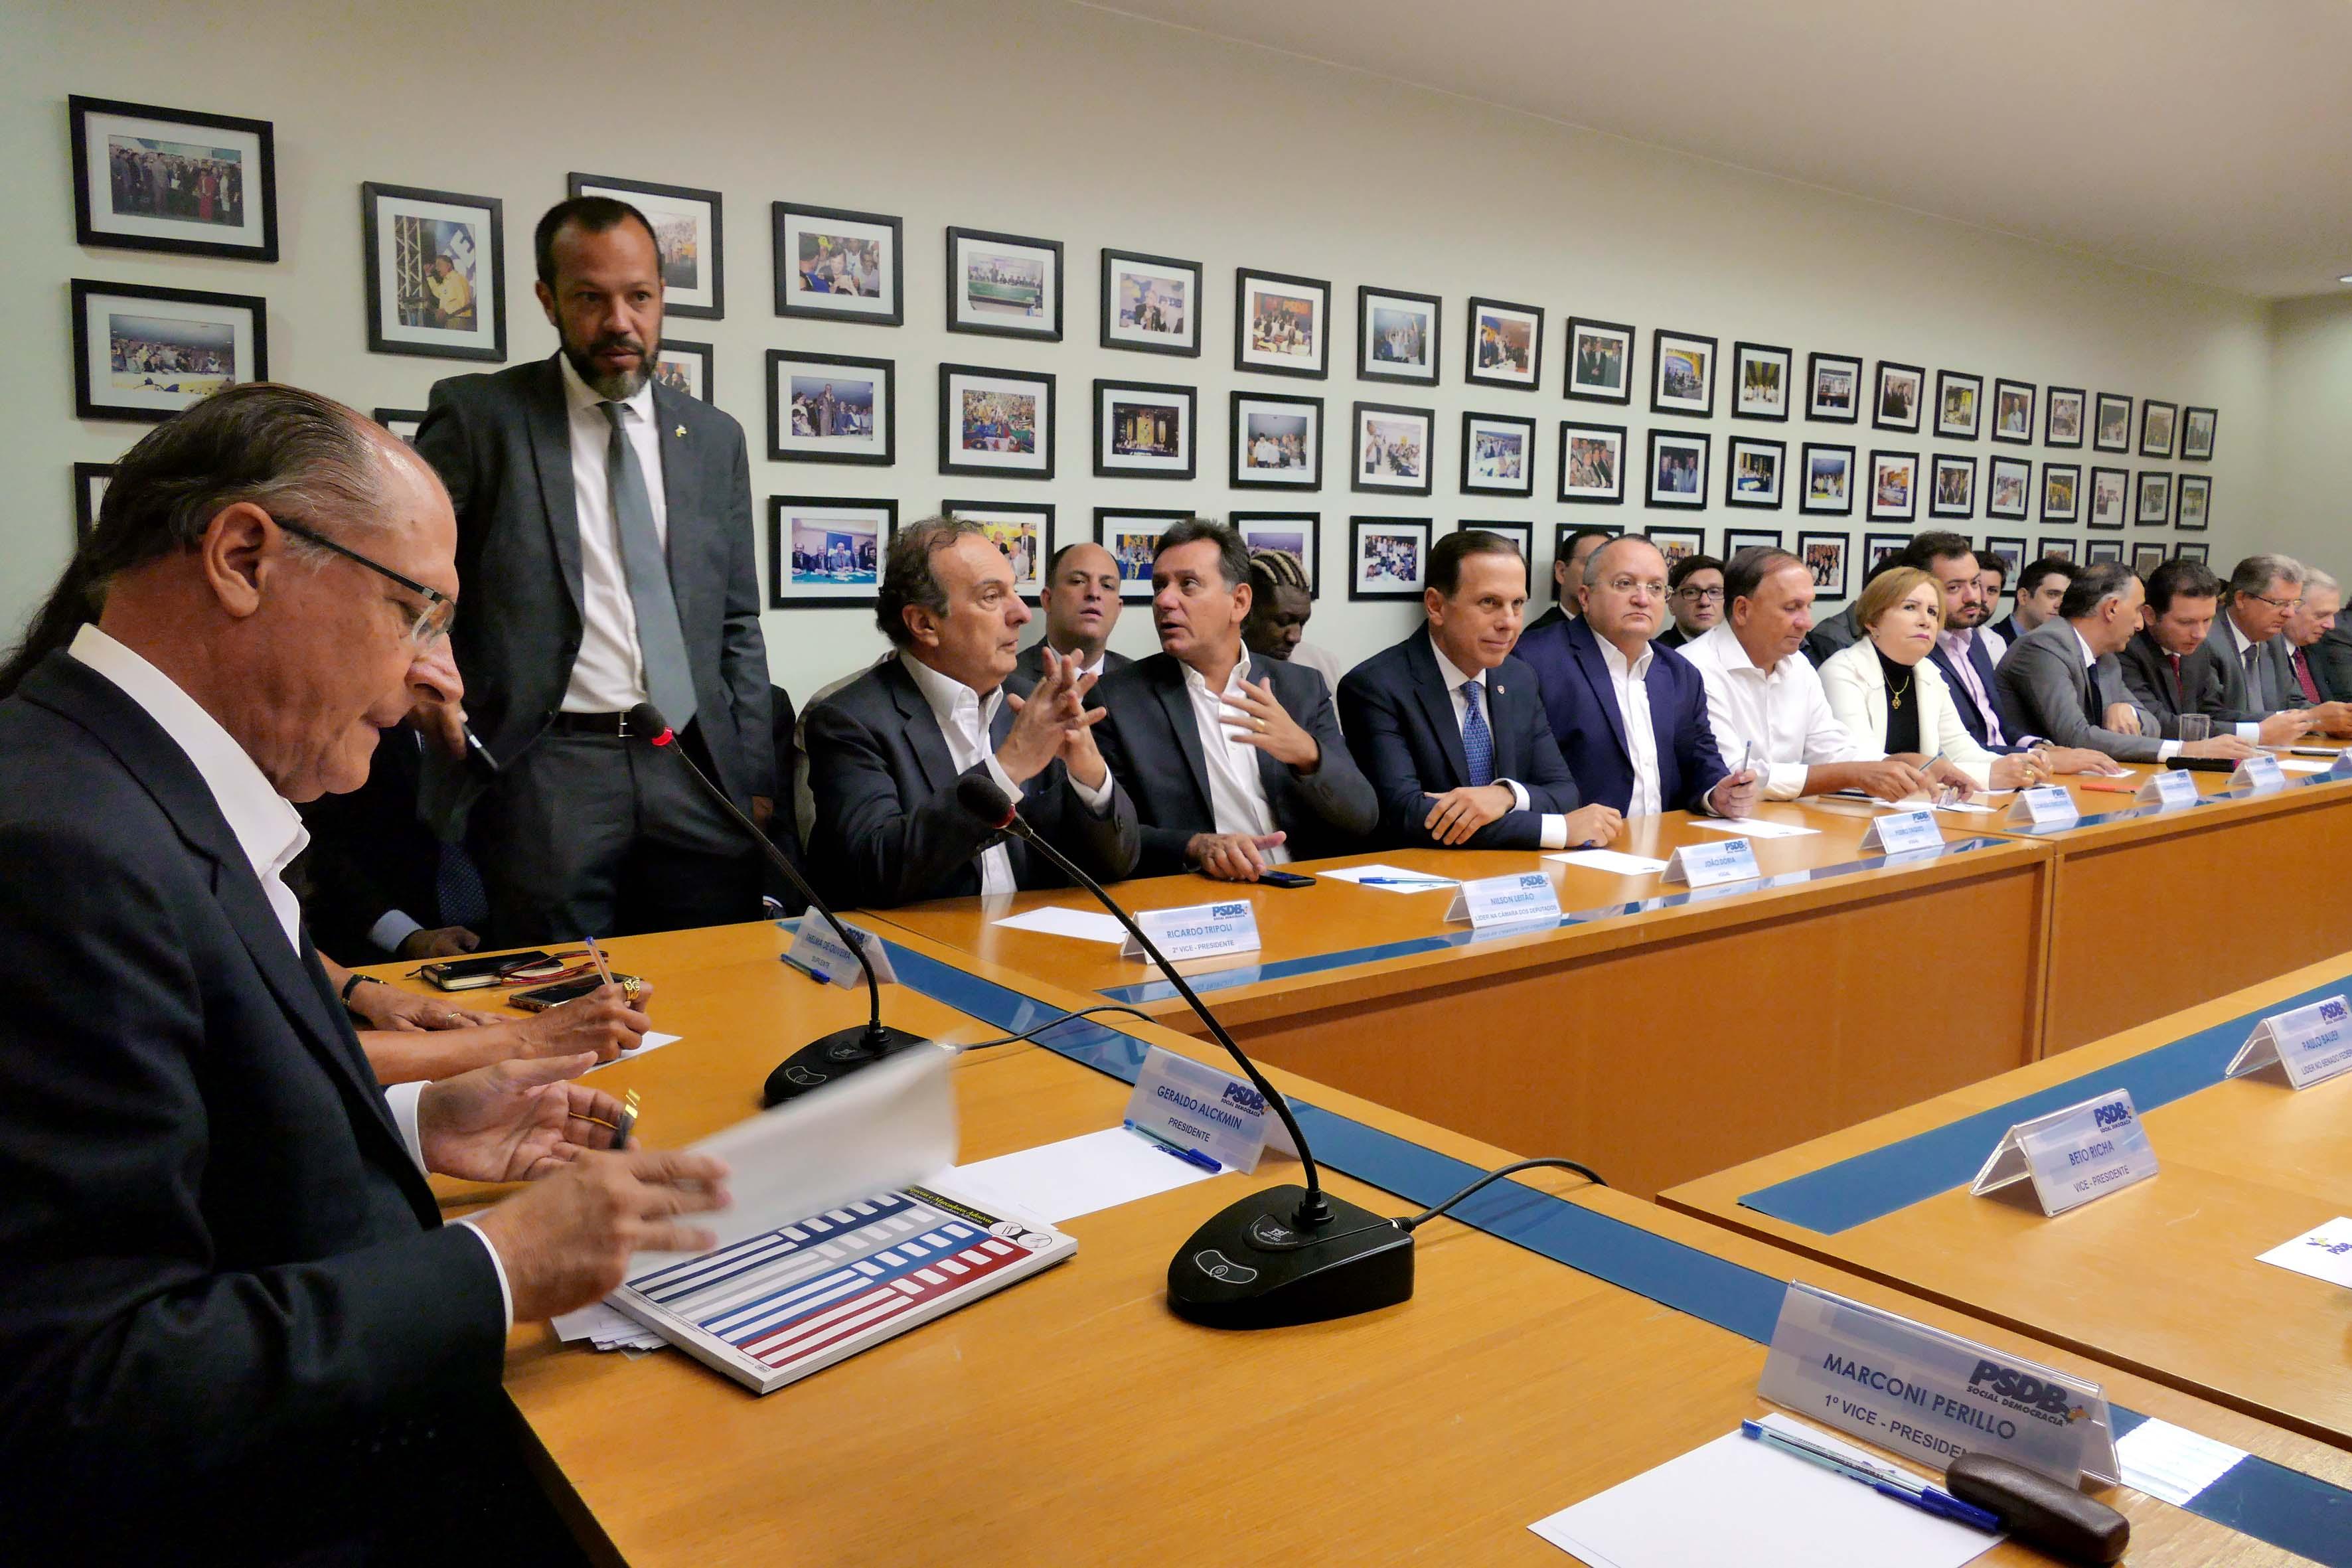 Resultado de imagem para psdb alckmin 2018